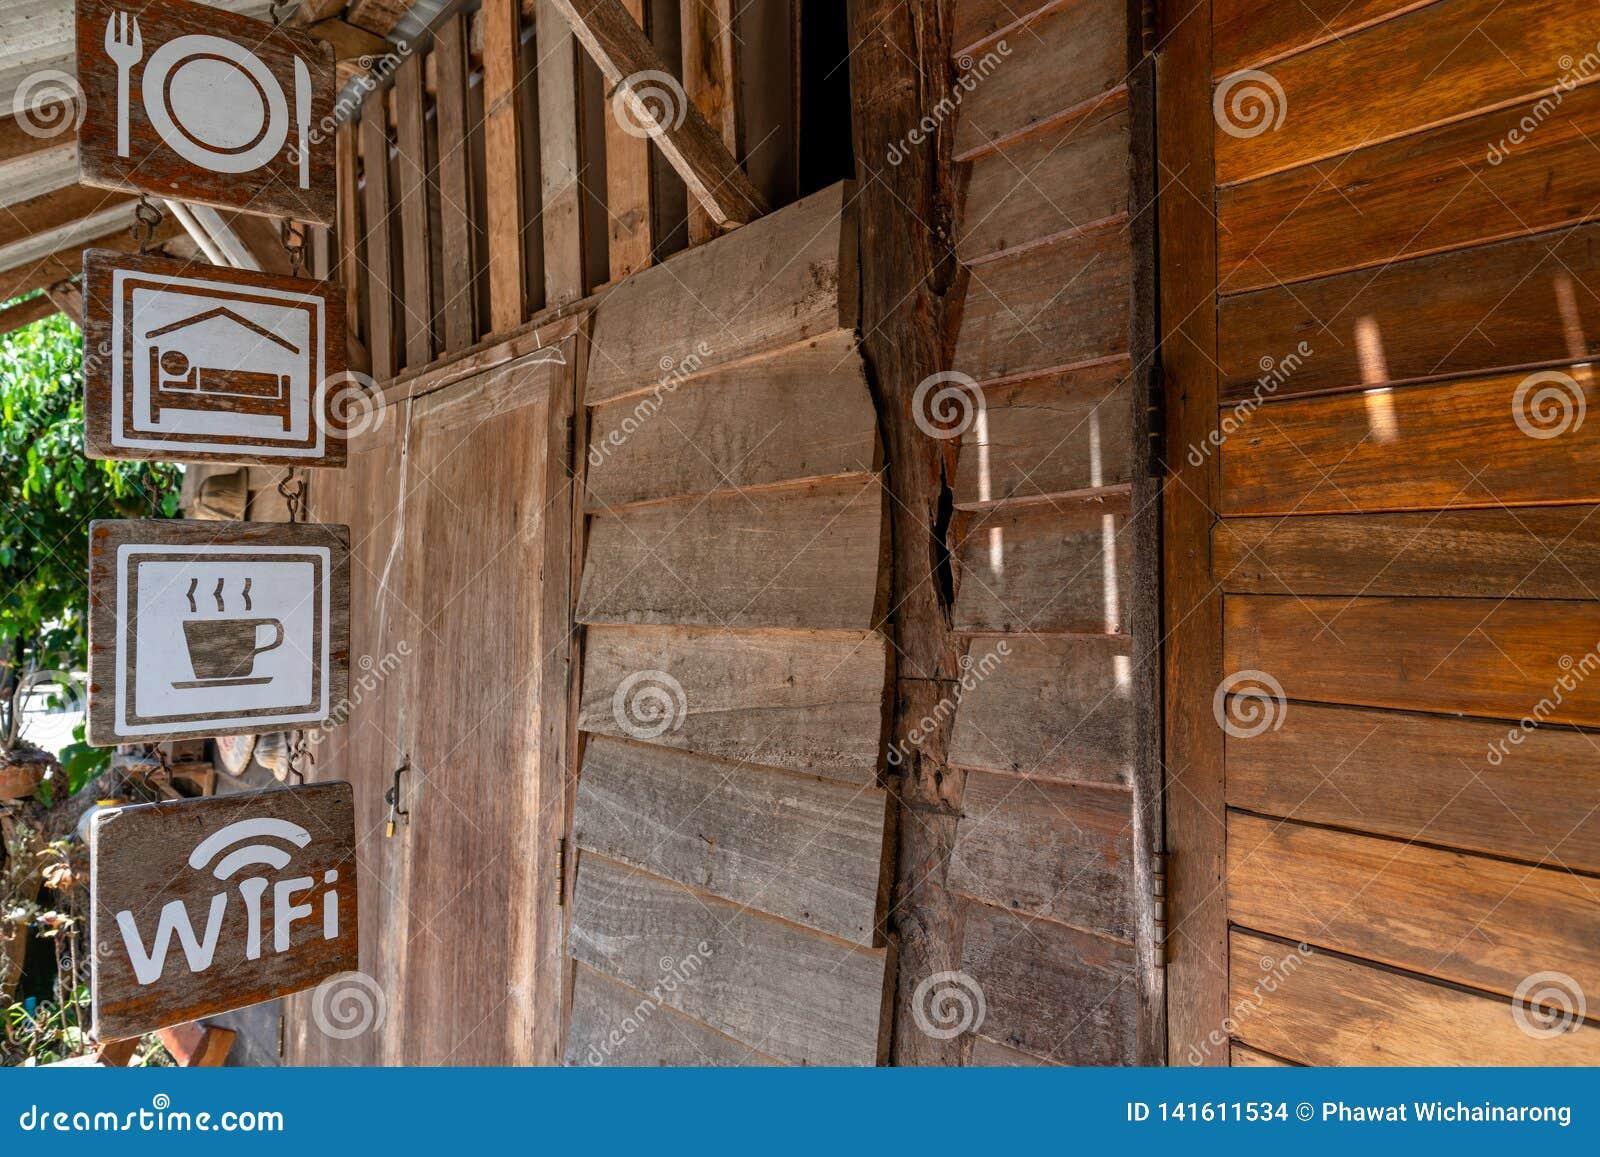 Знаки вися перед старым деревянным домашним пребыванием